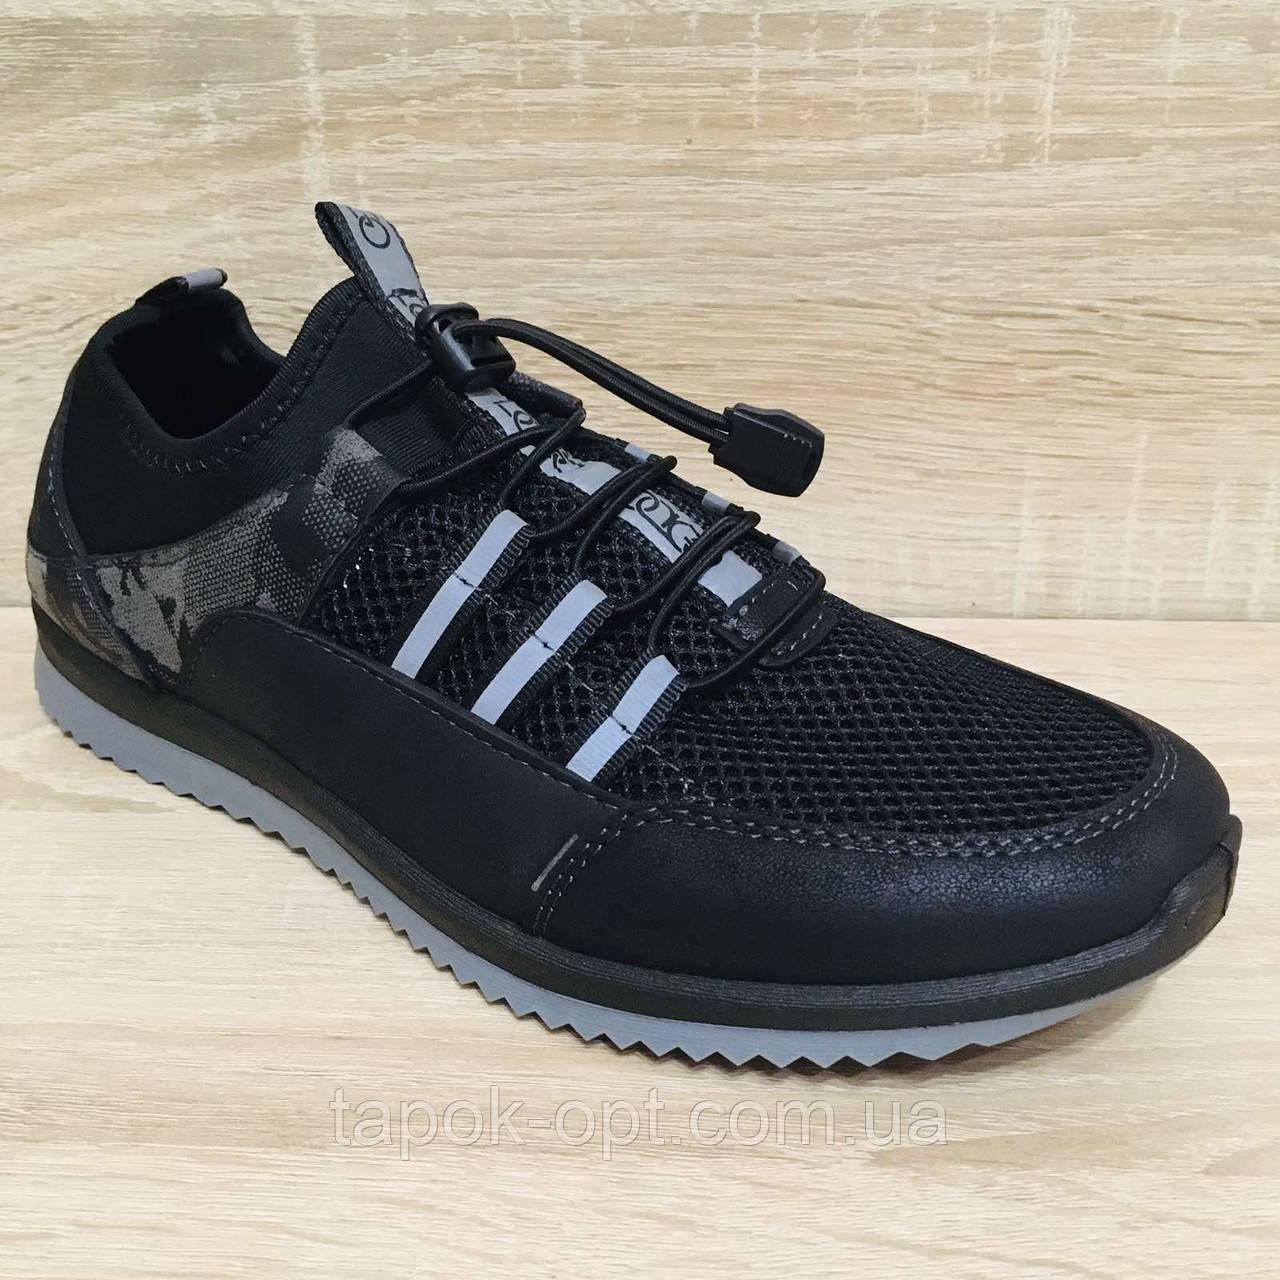 Подростковые кроссовки Даго Стиль